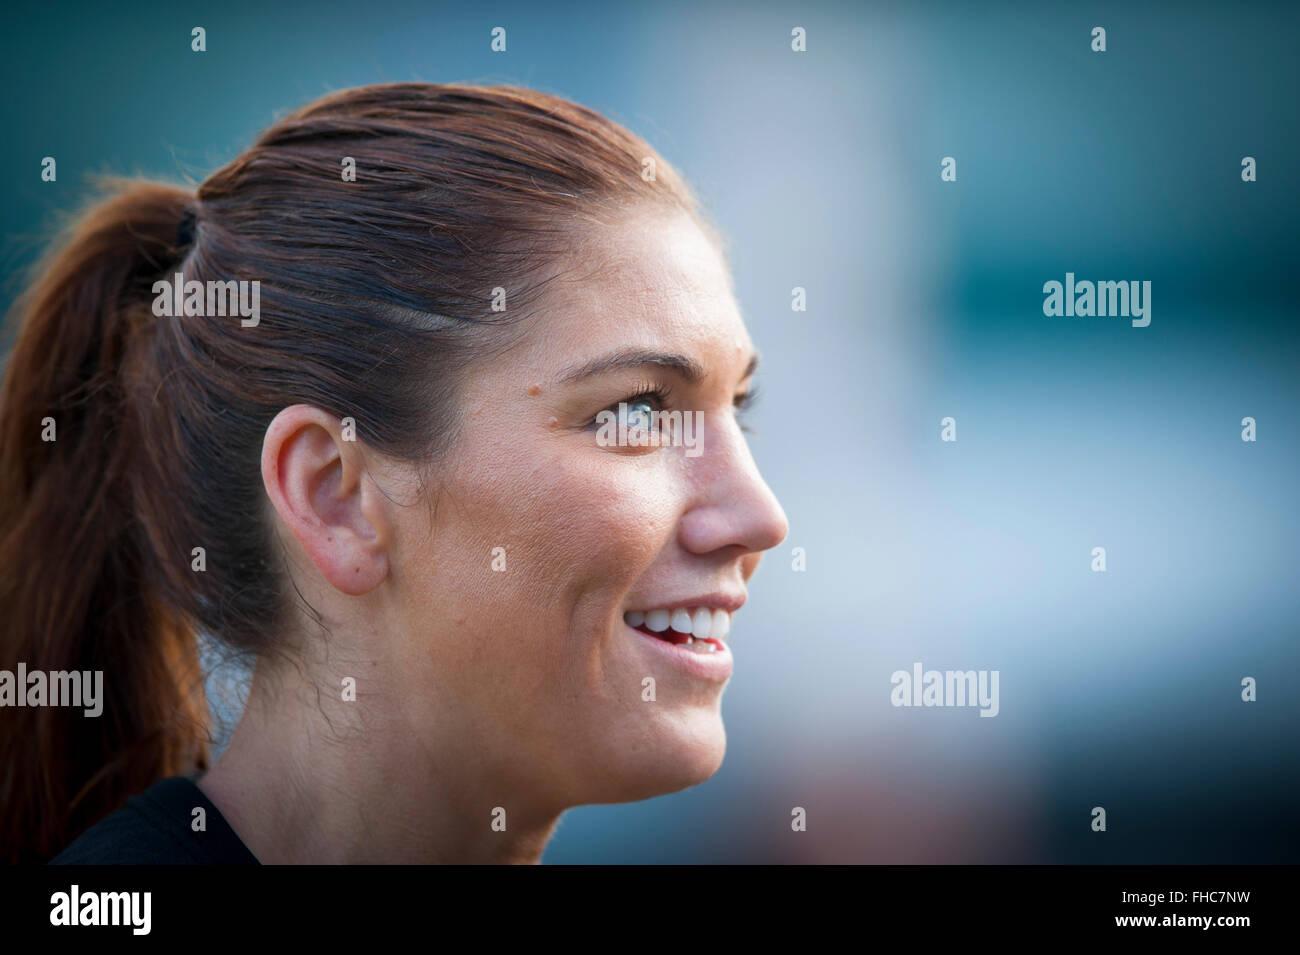 Female Soccer Goalie Stock Photos & Female Soccer Goalie ...